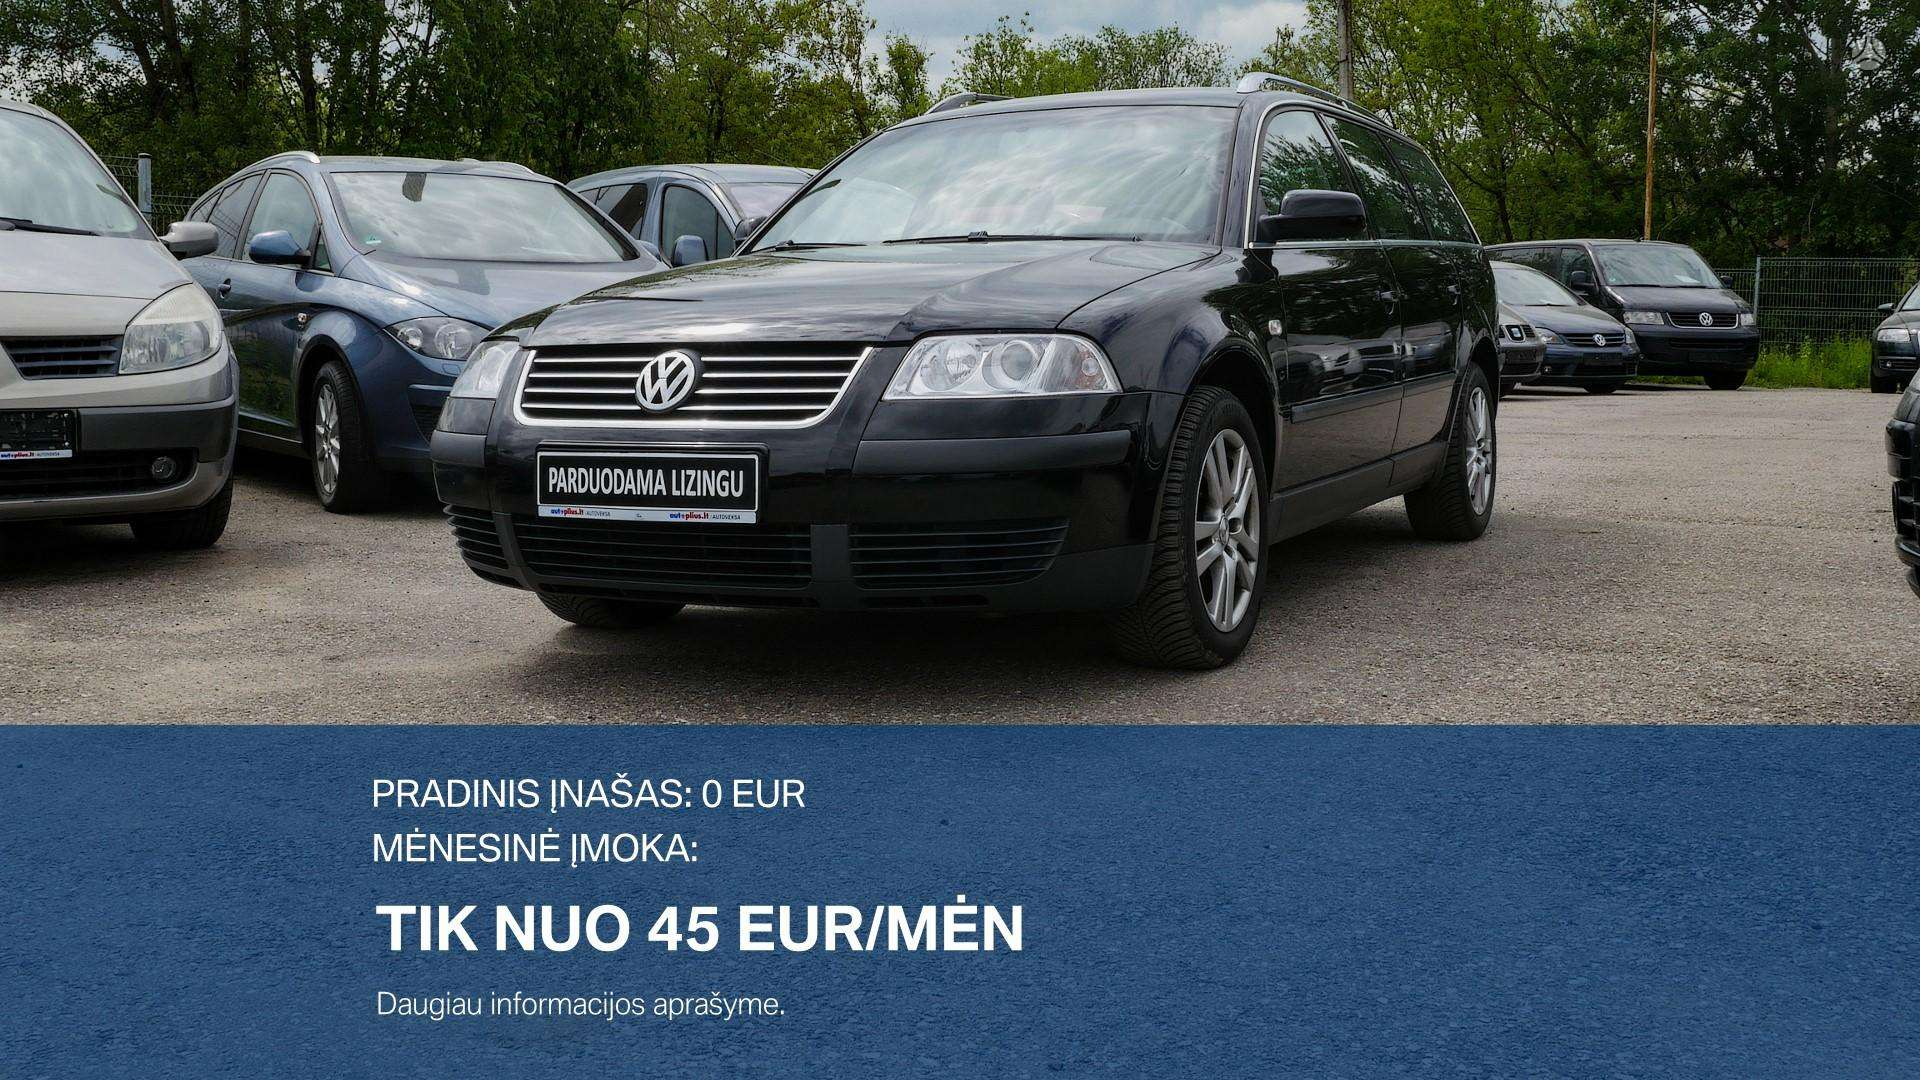 Volkswagen Passat išsimokėtinai nuo 45Eur/Mėn su 3 mėnesių garantija